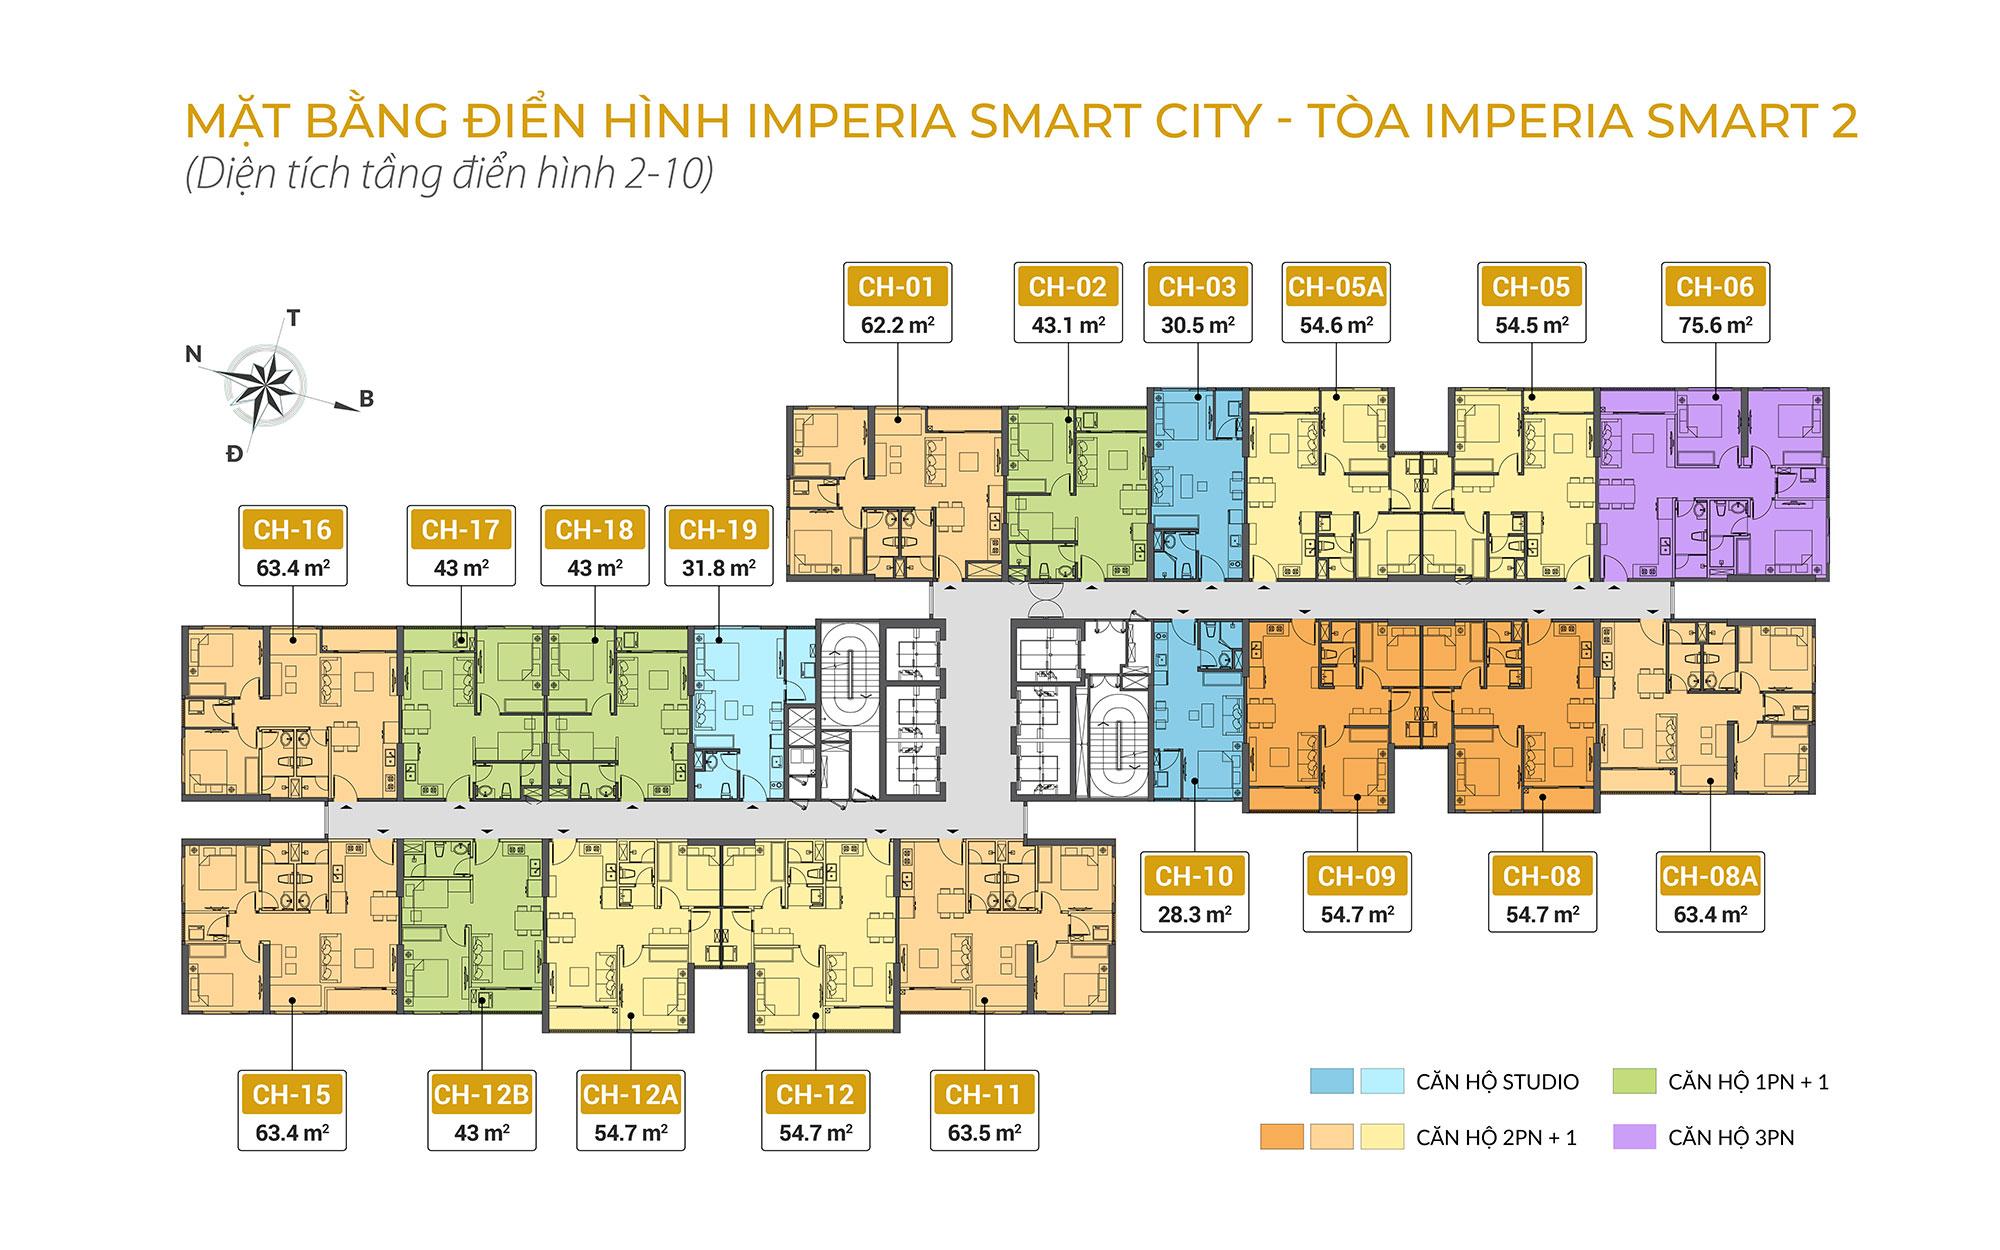 mat-bang-tang-2-10-toa-imperia-smart-2-imperia-smart-city